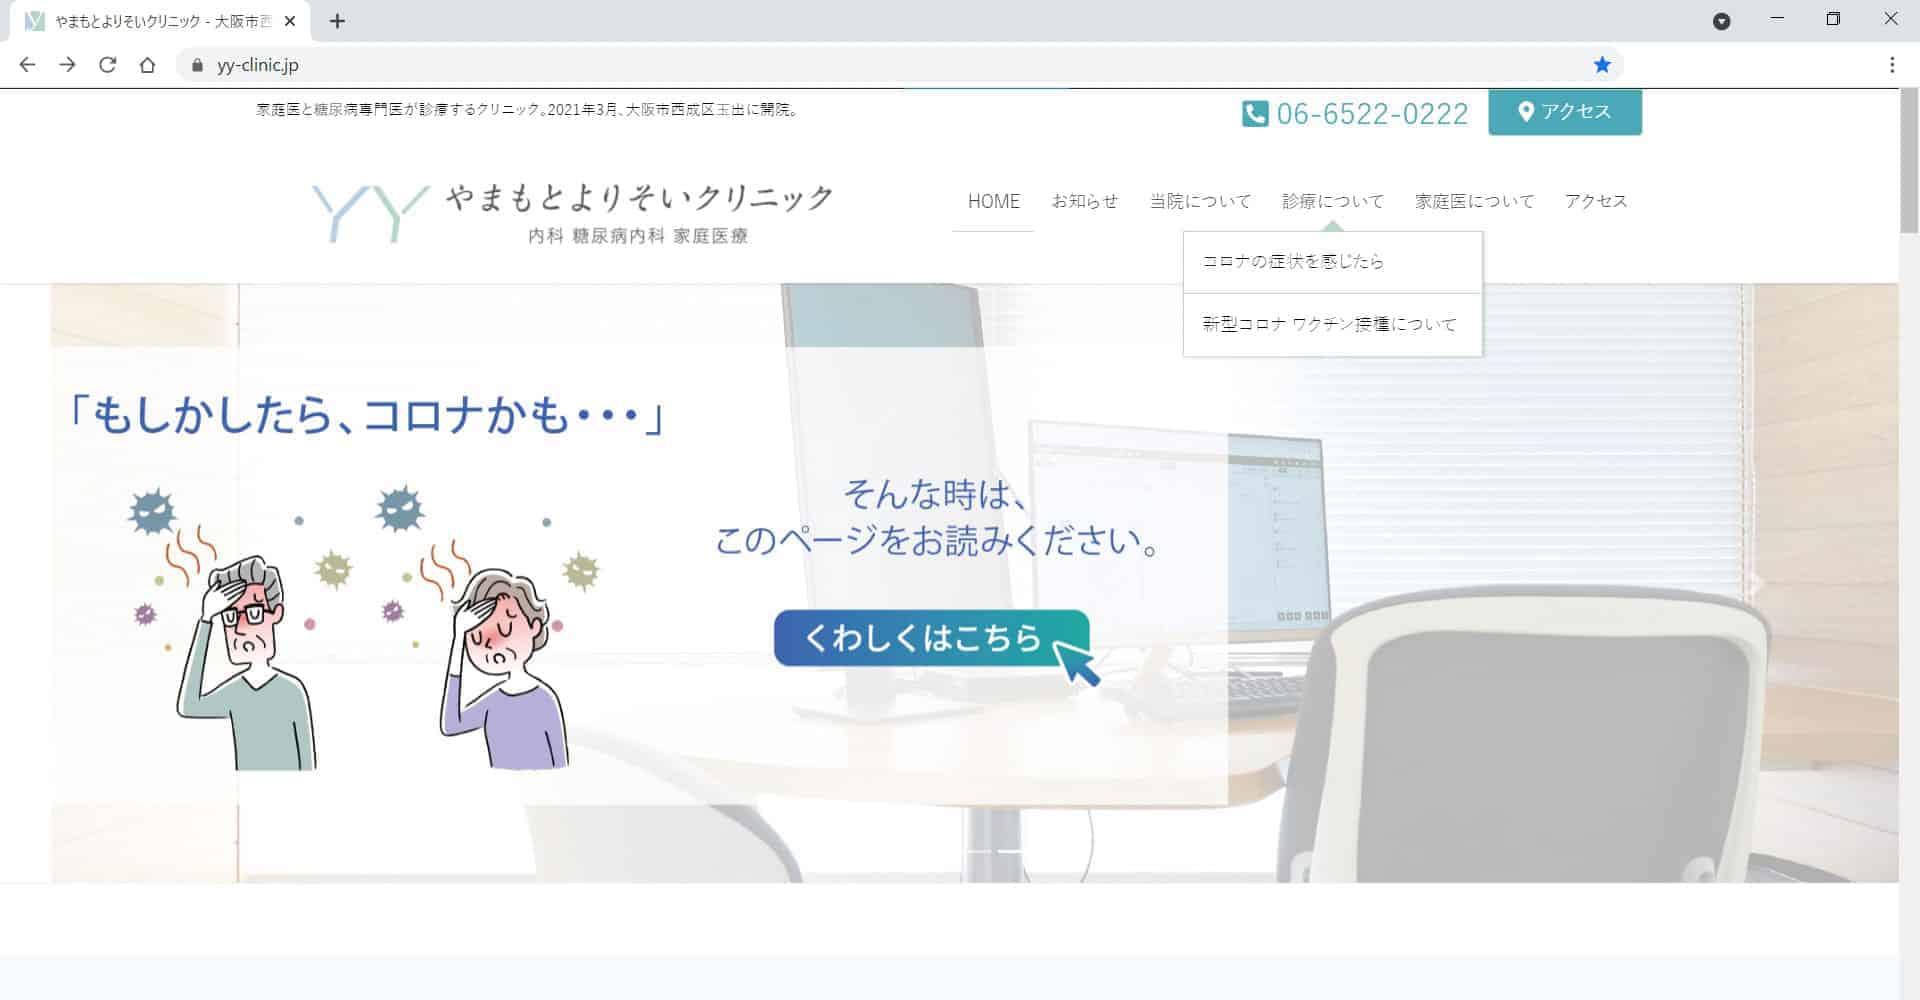 パソコンでの画面イメージ